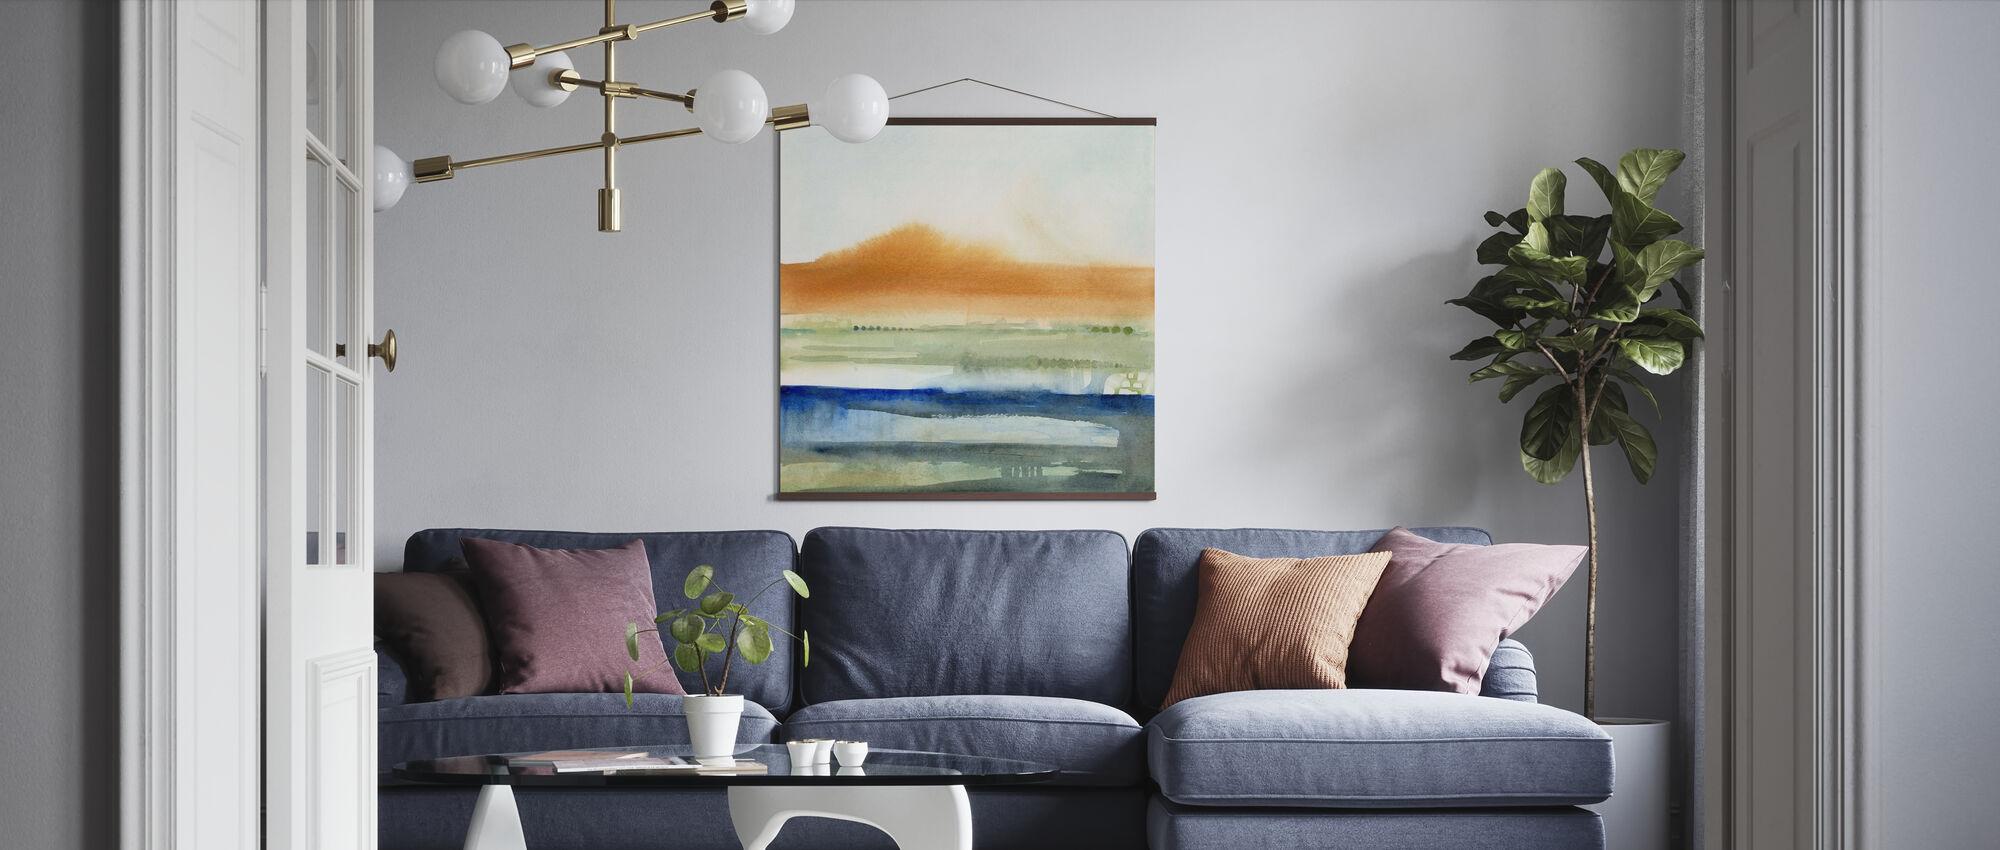 Sunwashed Strata - Poster - Living Room